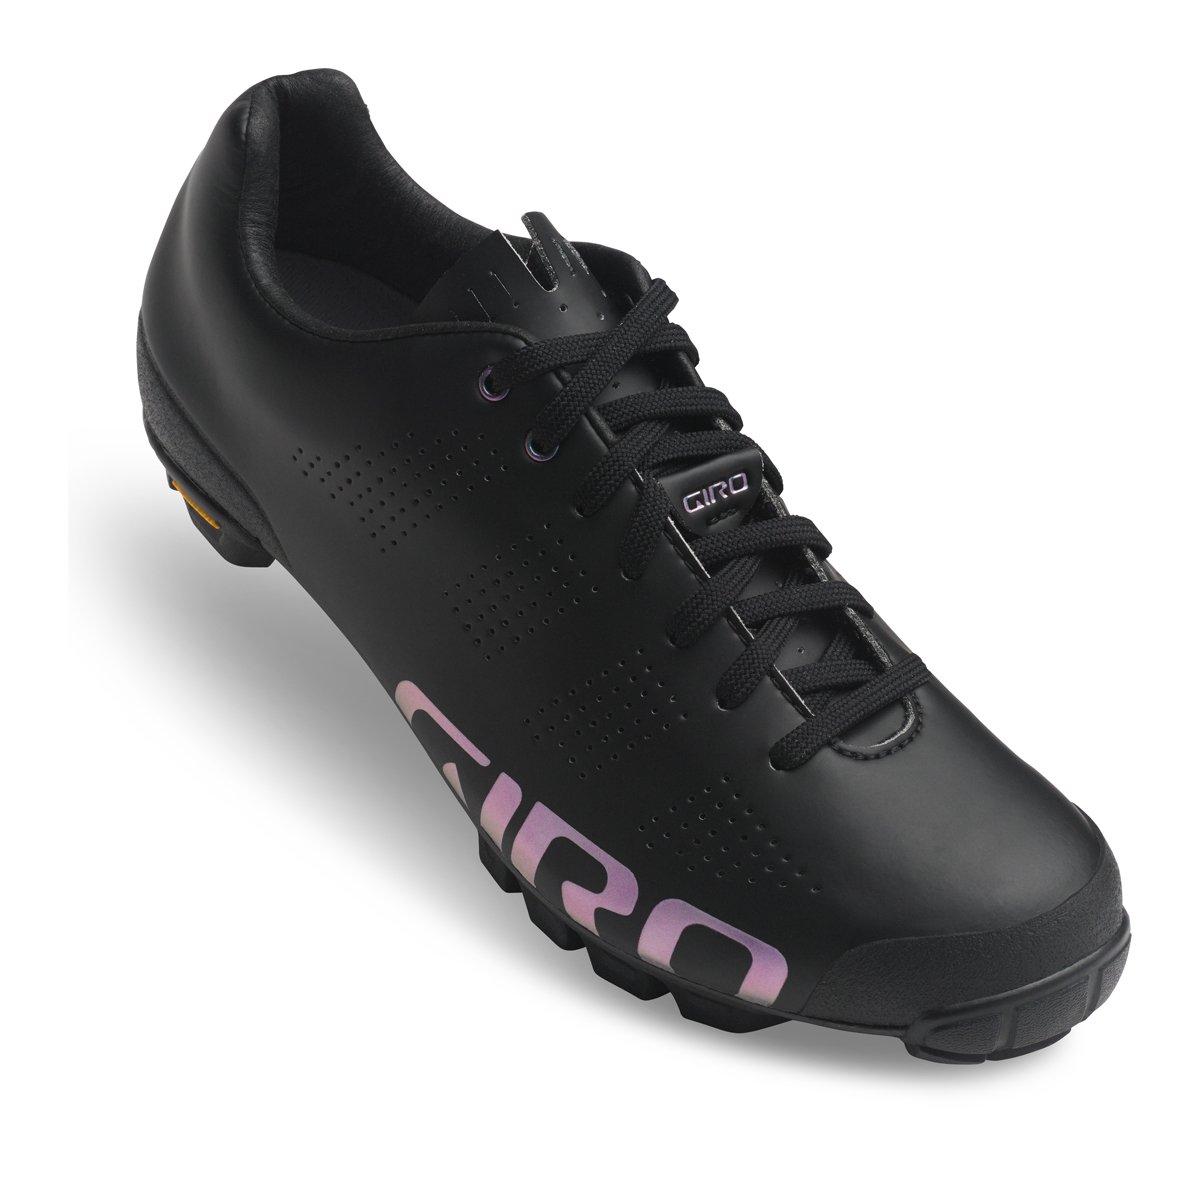 Giro Empire VR90 MTB Damen Fahrrad Schuhe Schwarz 2019